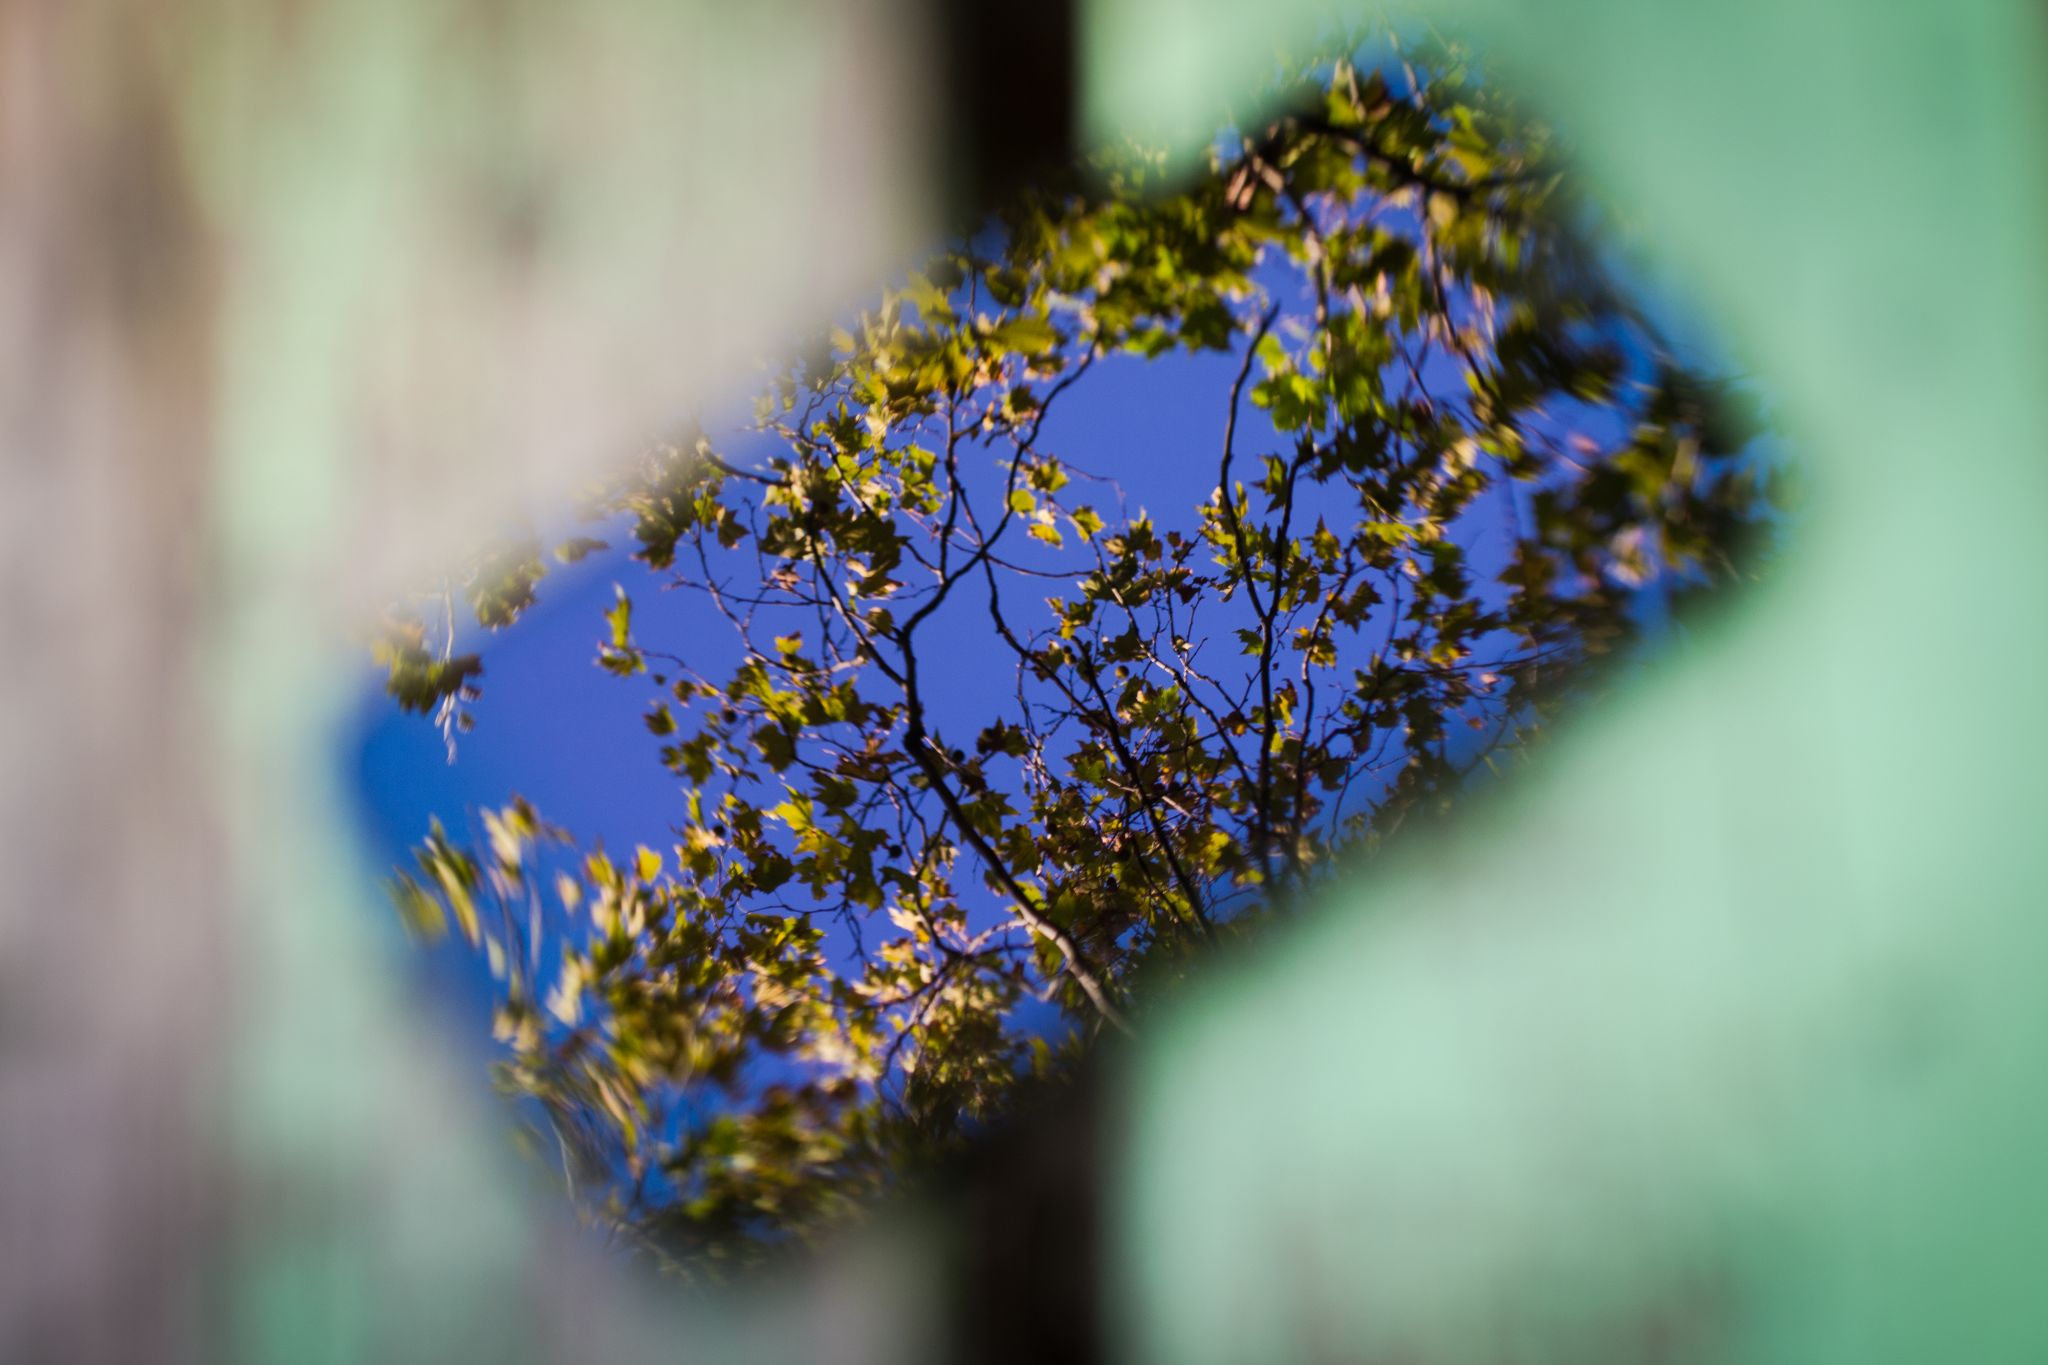 Untitled by Milen Kolev